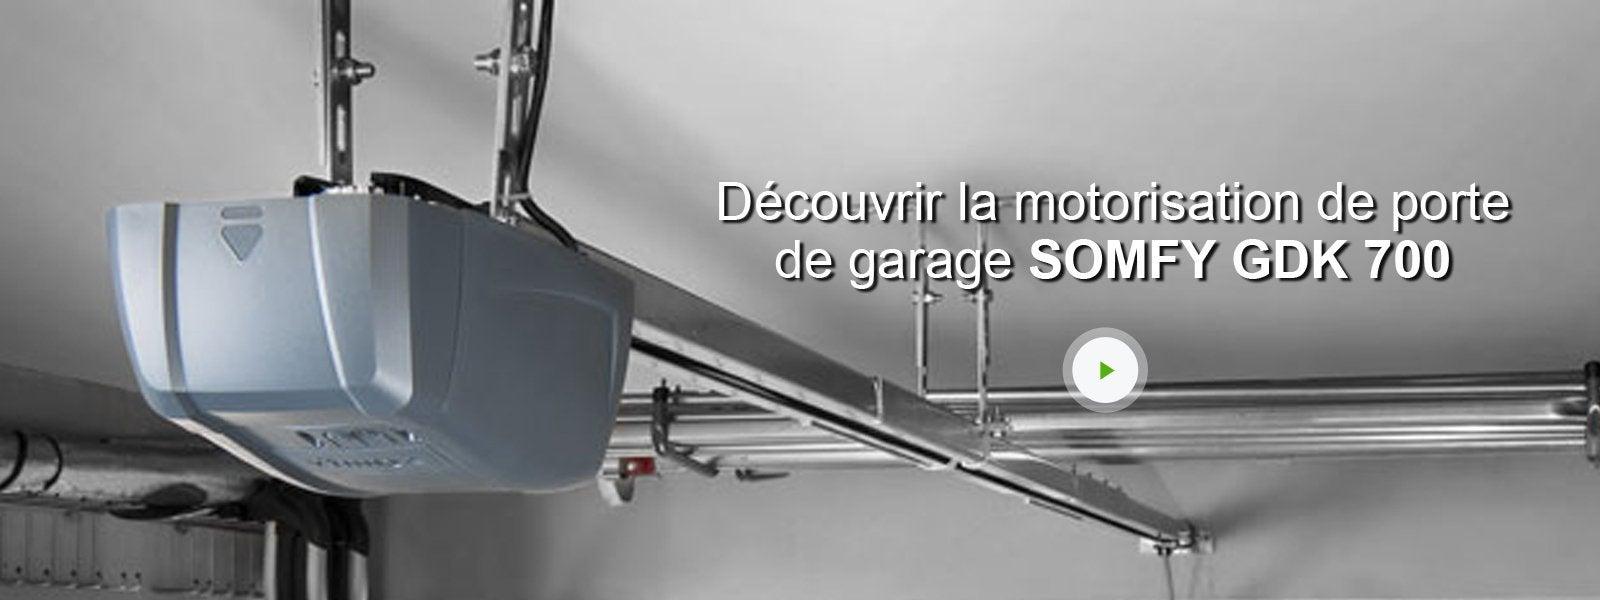 Motorisation de garage connect courroie somfy gdk 700 for Meilleur marque motorisation porte de garage